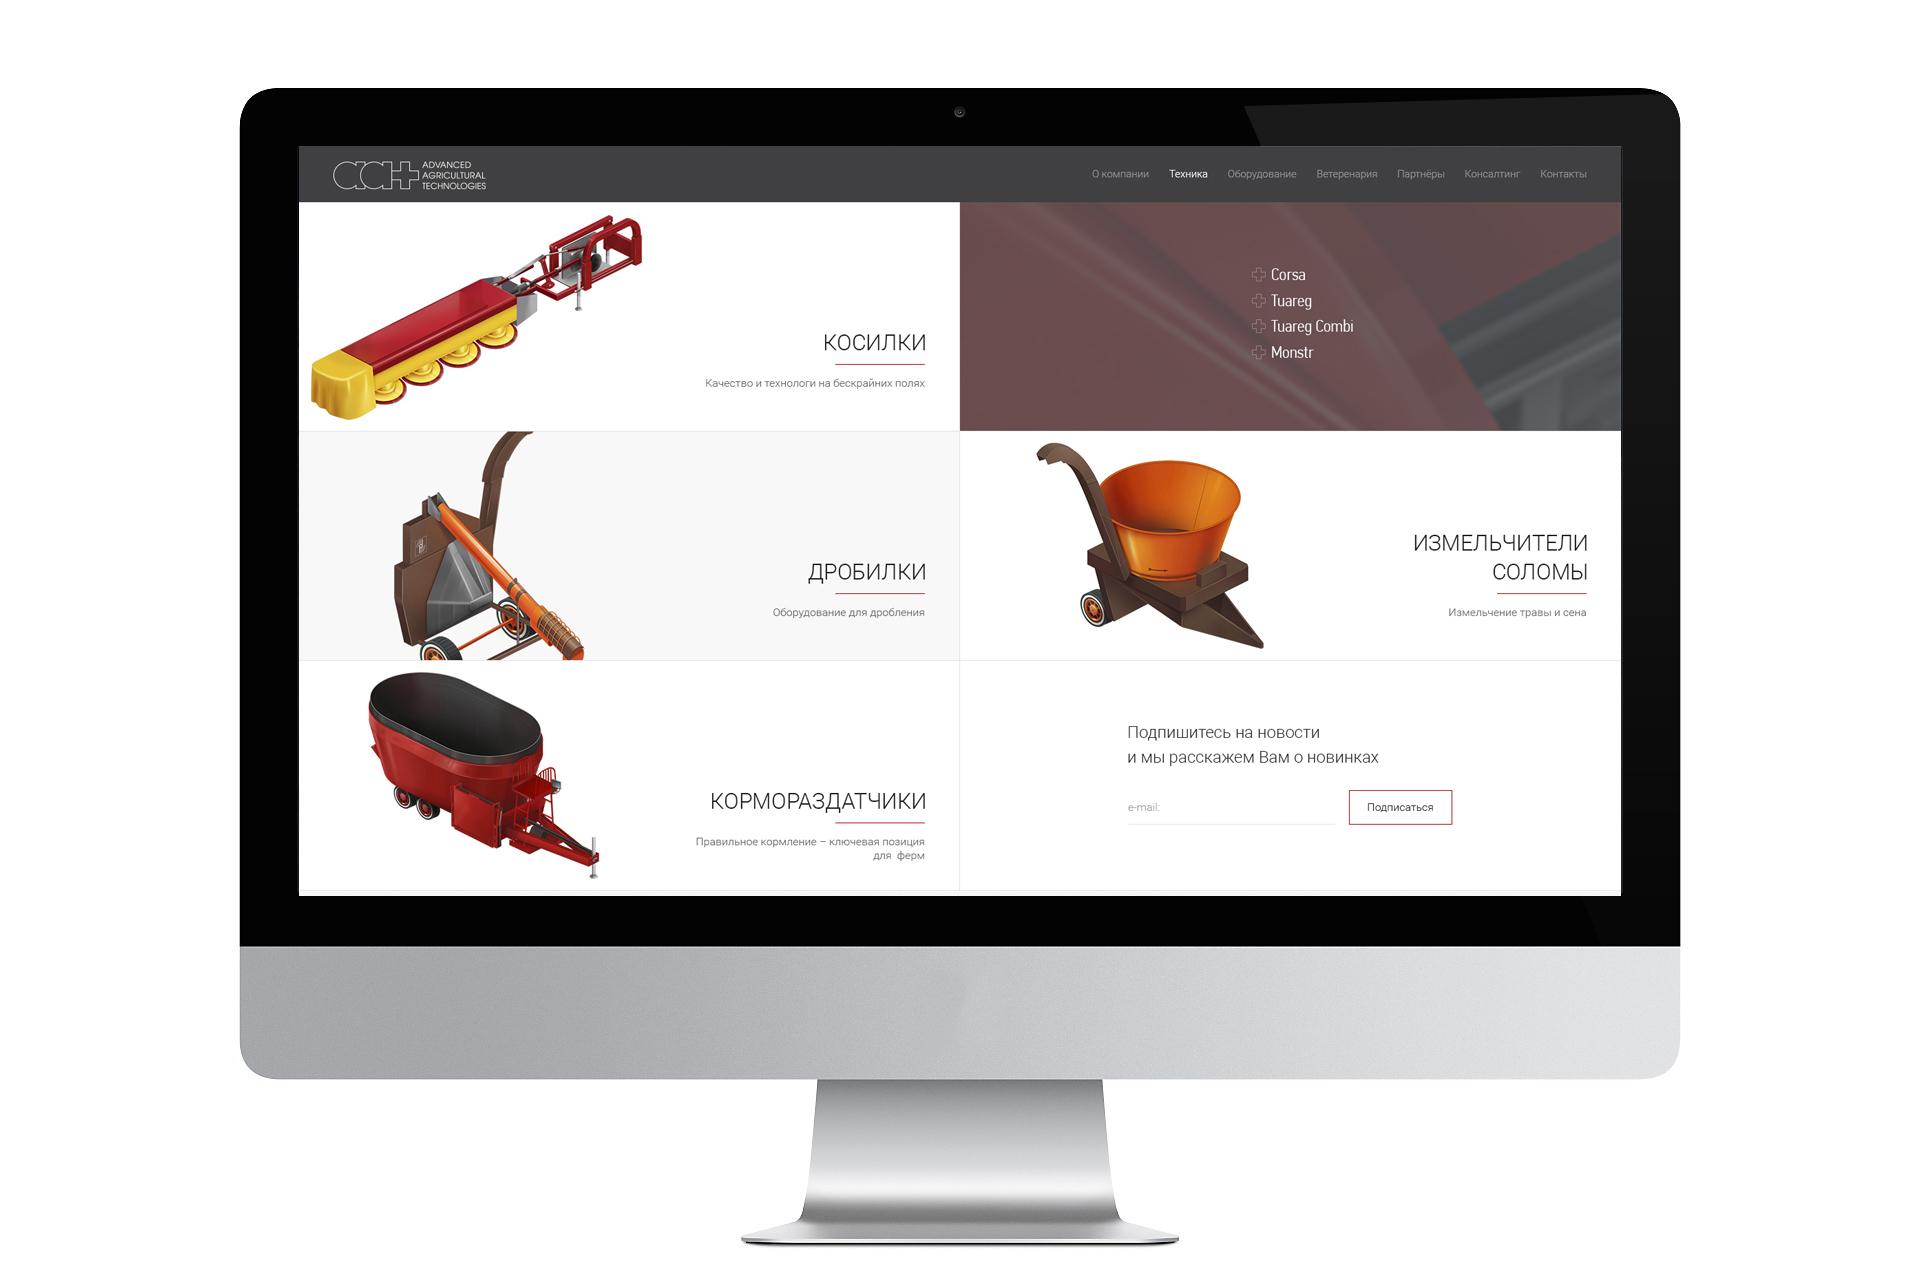 Дизайн вебсайта «Прогресивні аграрні технології» (AAT). Ілюстрації техніки.